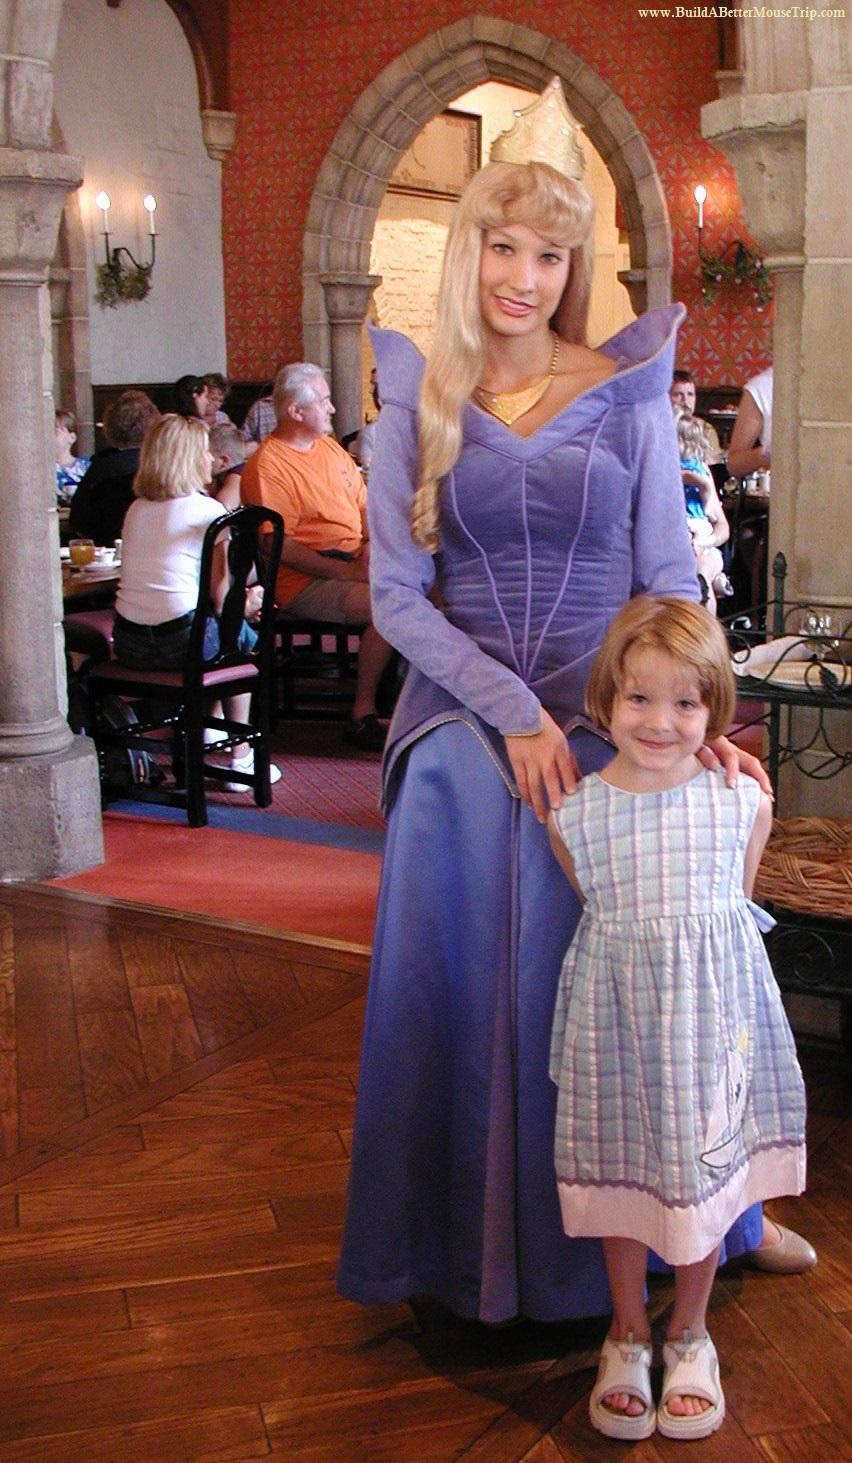 Aurora (Sleeping Beauty) at the Disney Princess Storybook Breakfast at Akershus Royal Banquet Hall in Epcot